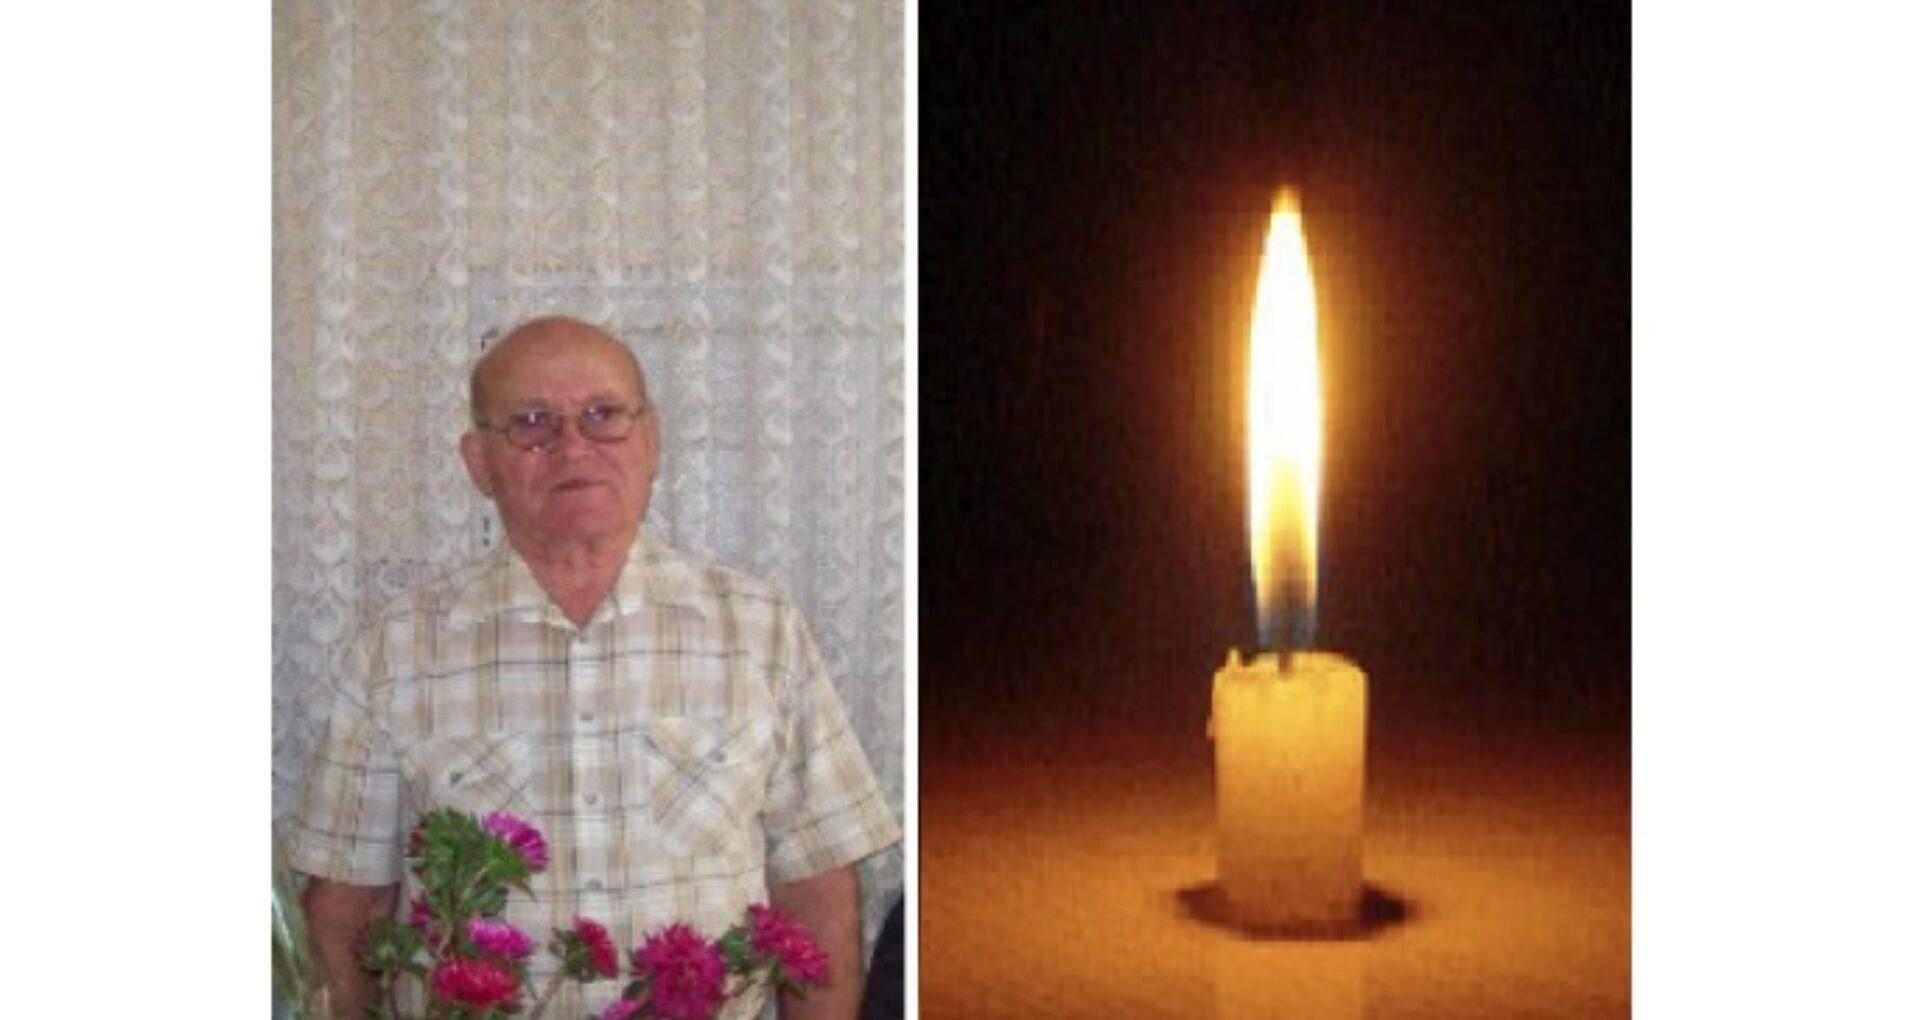 COVID-19 a mai luat o viață. Un medic din cadrul Centrului de Sănătate Publică Soroca a pierdut lupta cu noul virus